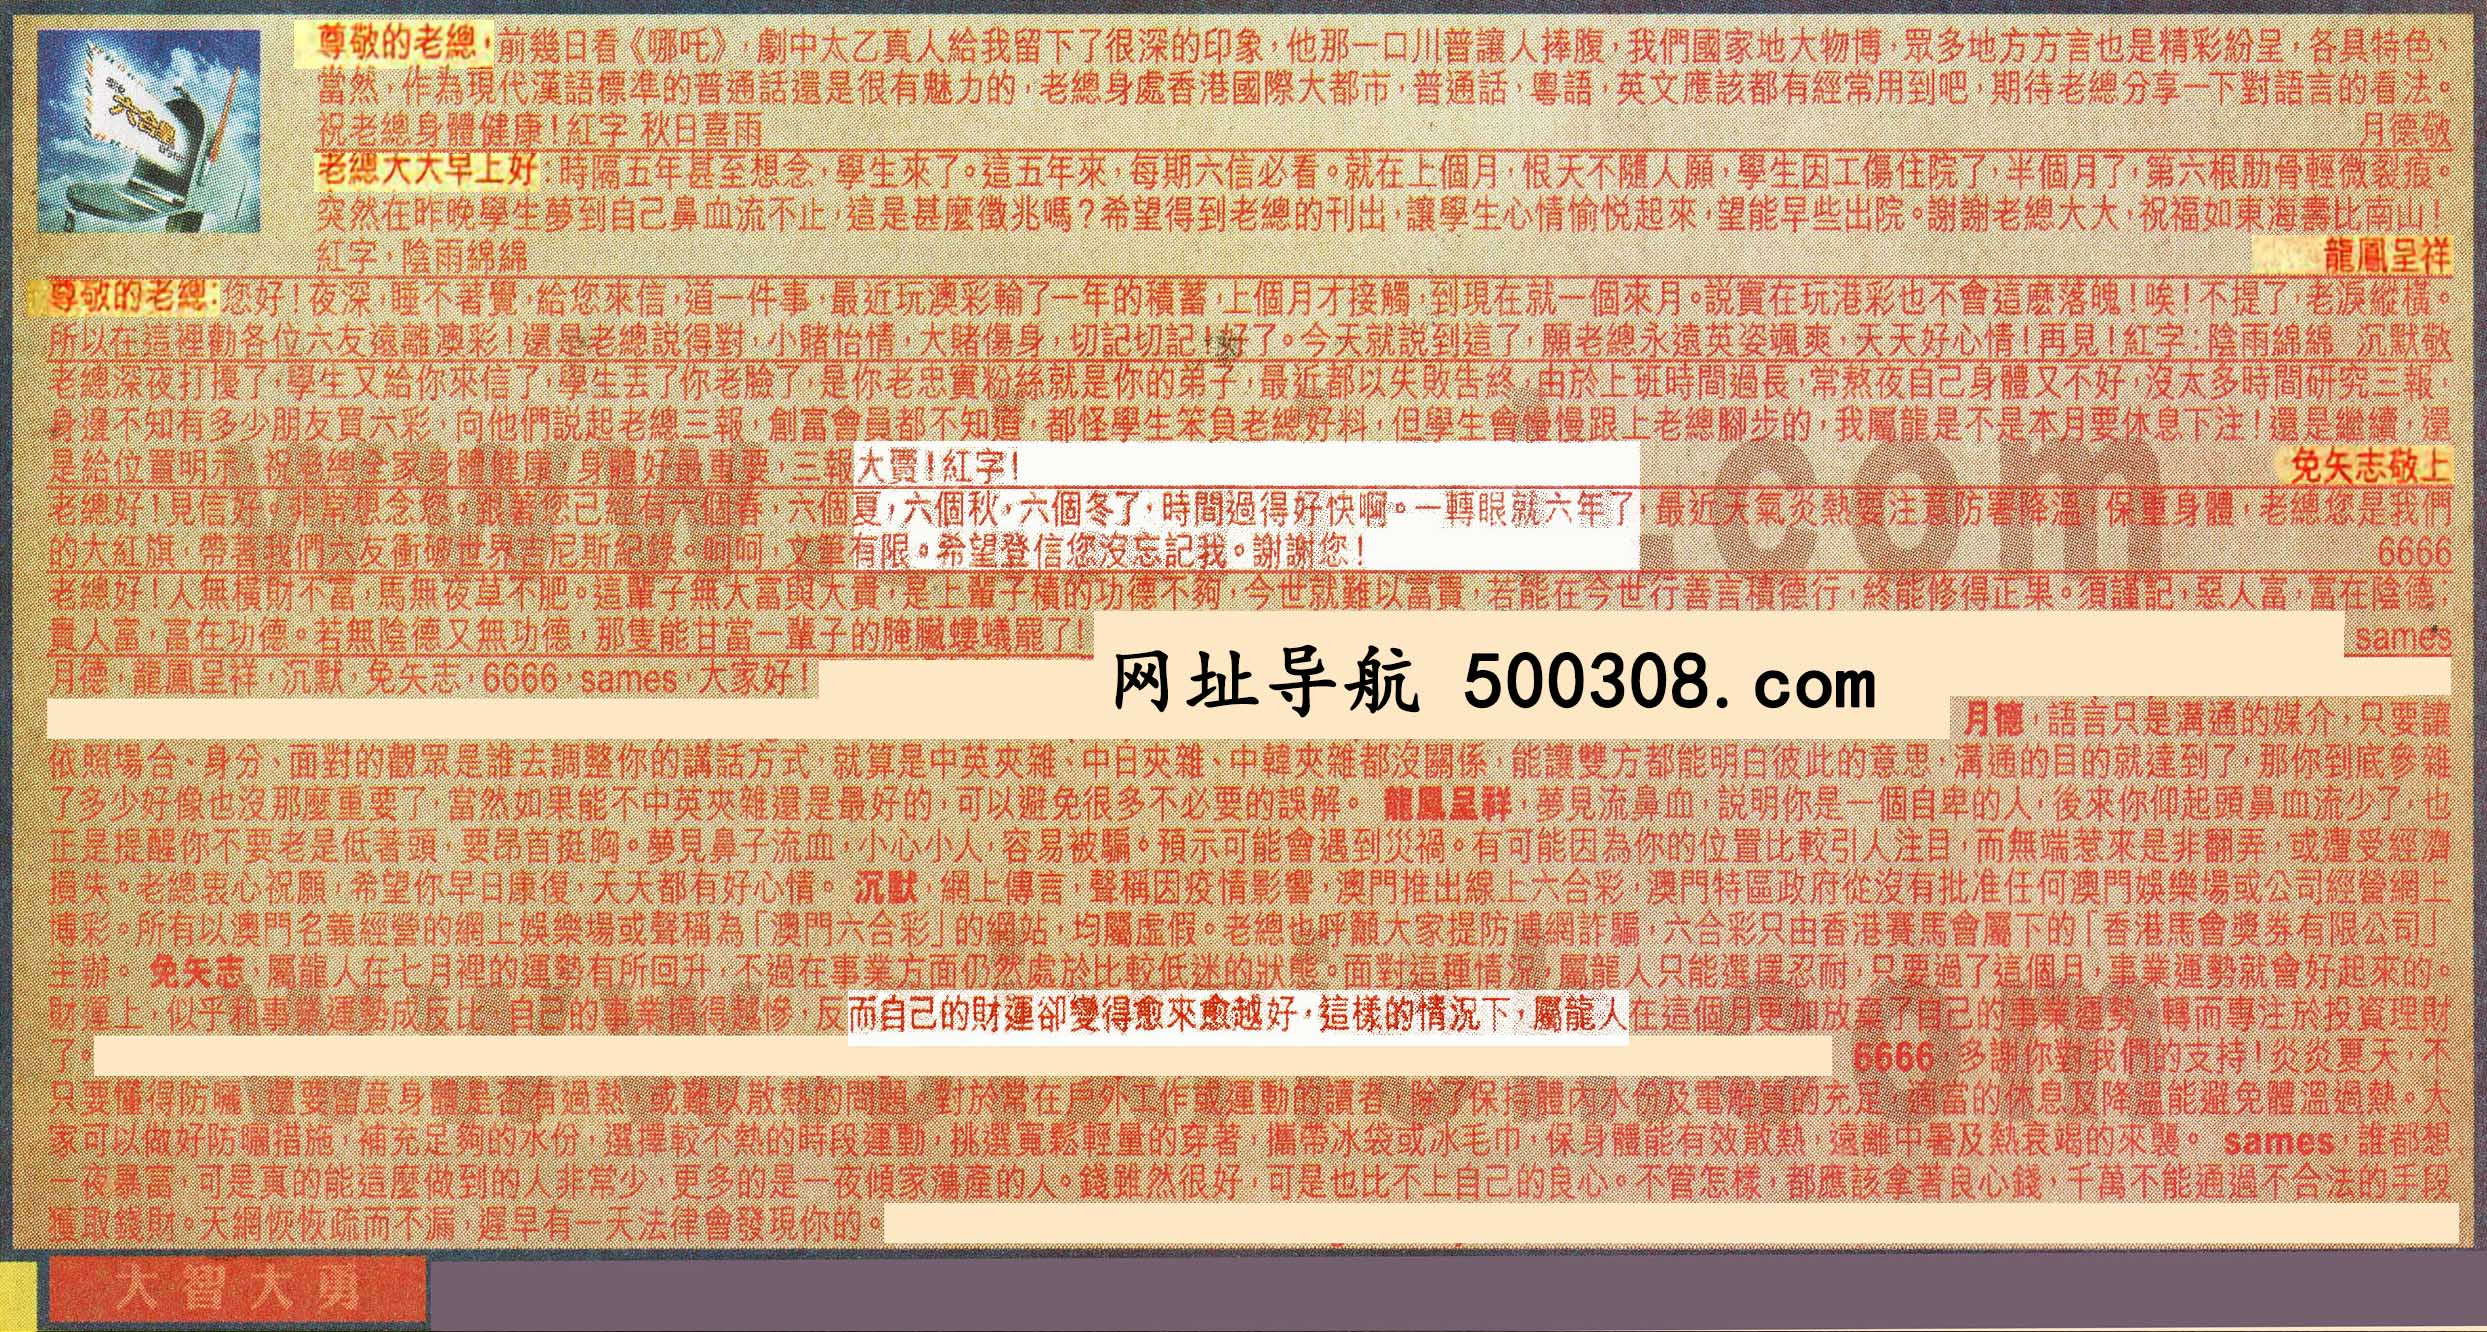 057期:彩民推荐六合皇信箱(�t字:大智大勇)_057期开奖结果:38-21-35-09-48-13-T20马/蓝/木